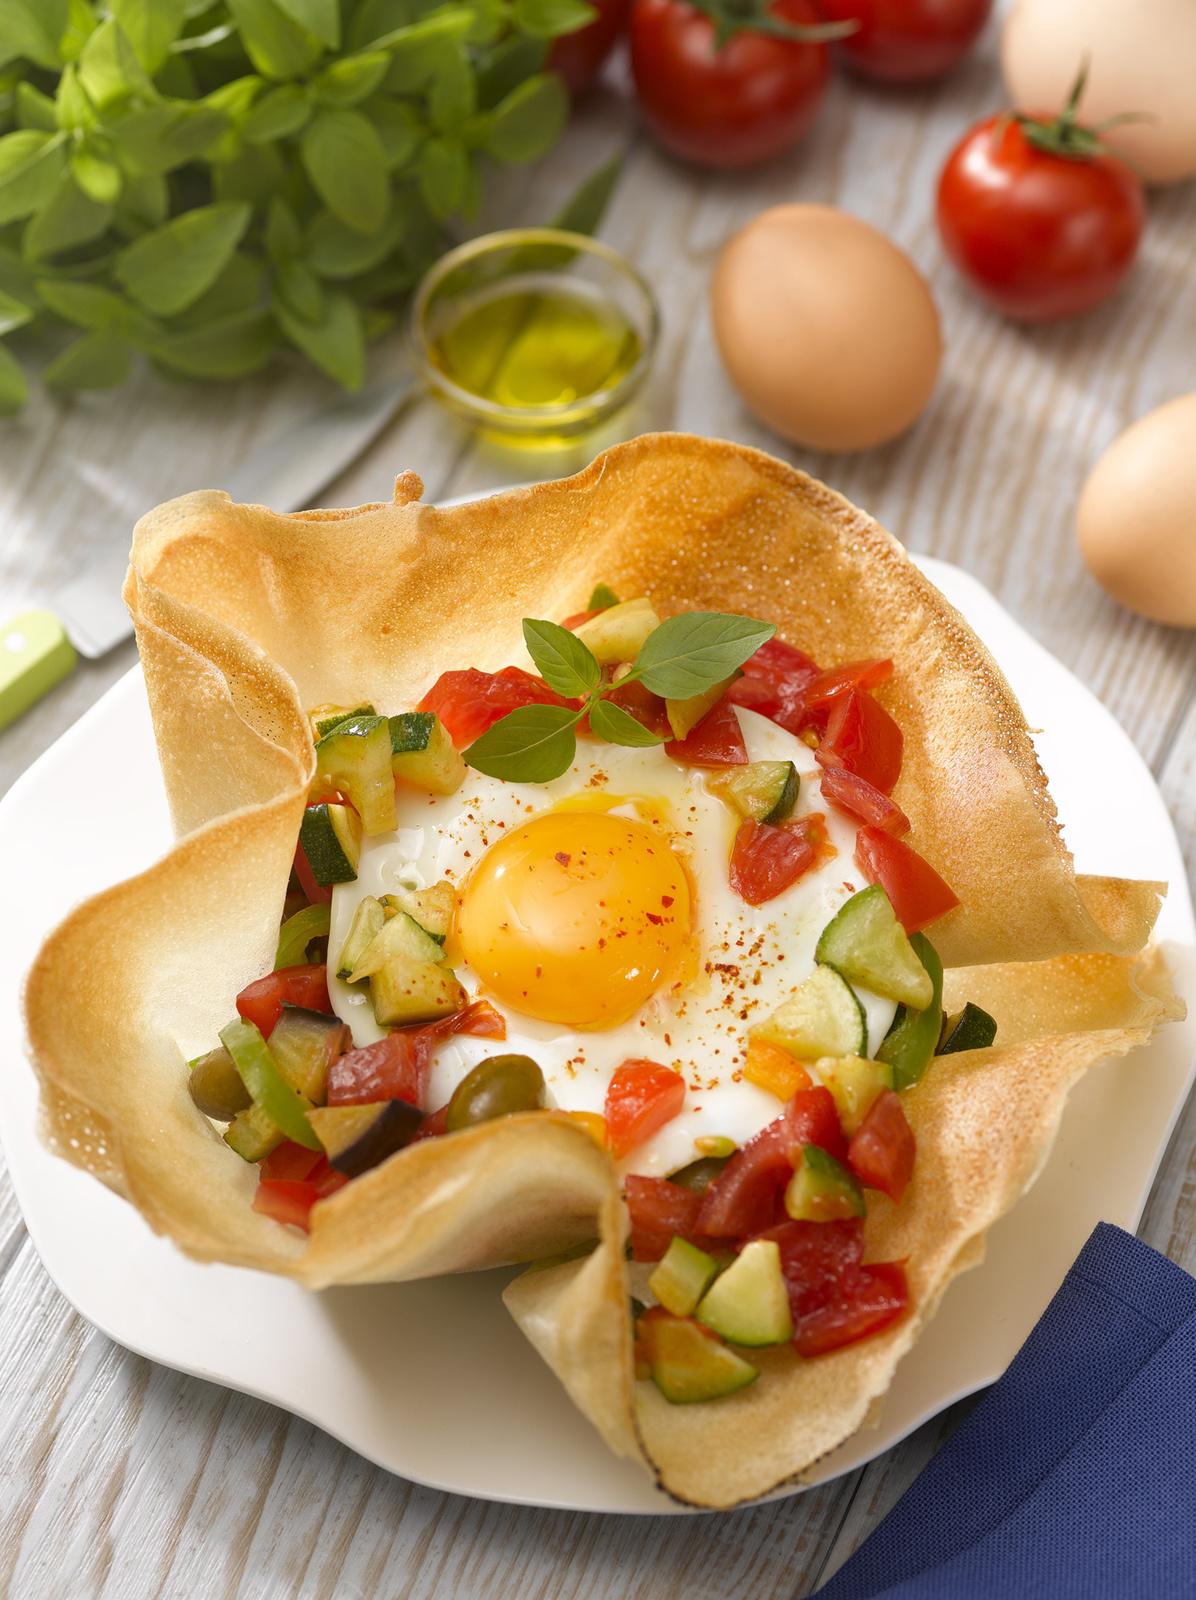 L'œuf : un produit facile et rapide à préparer